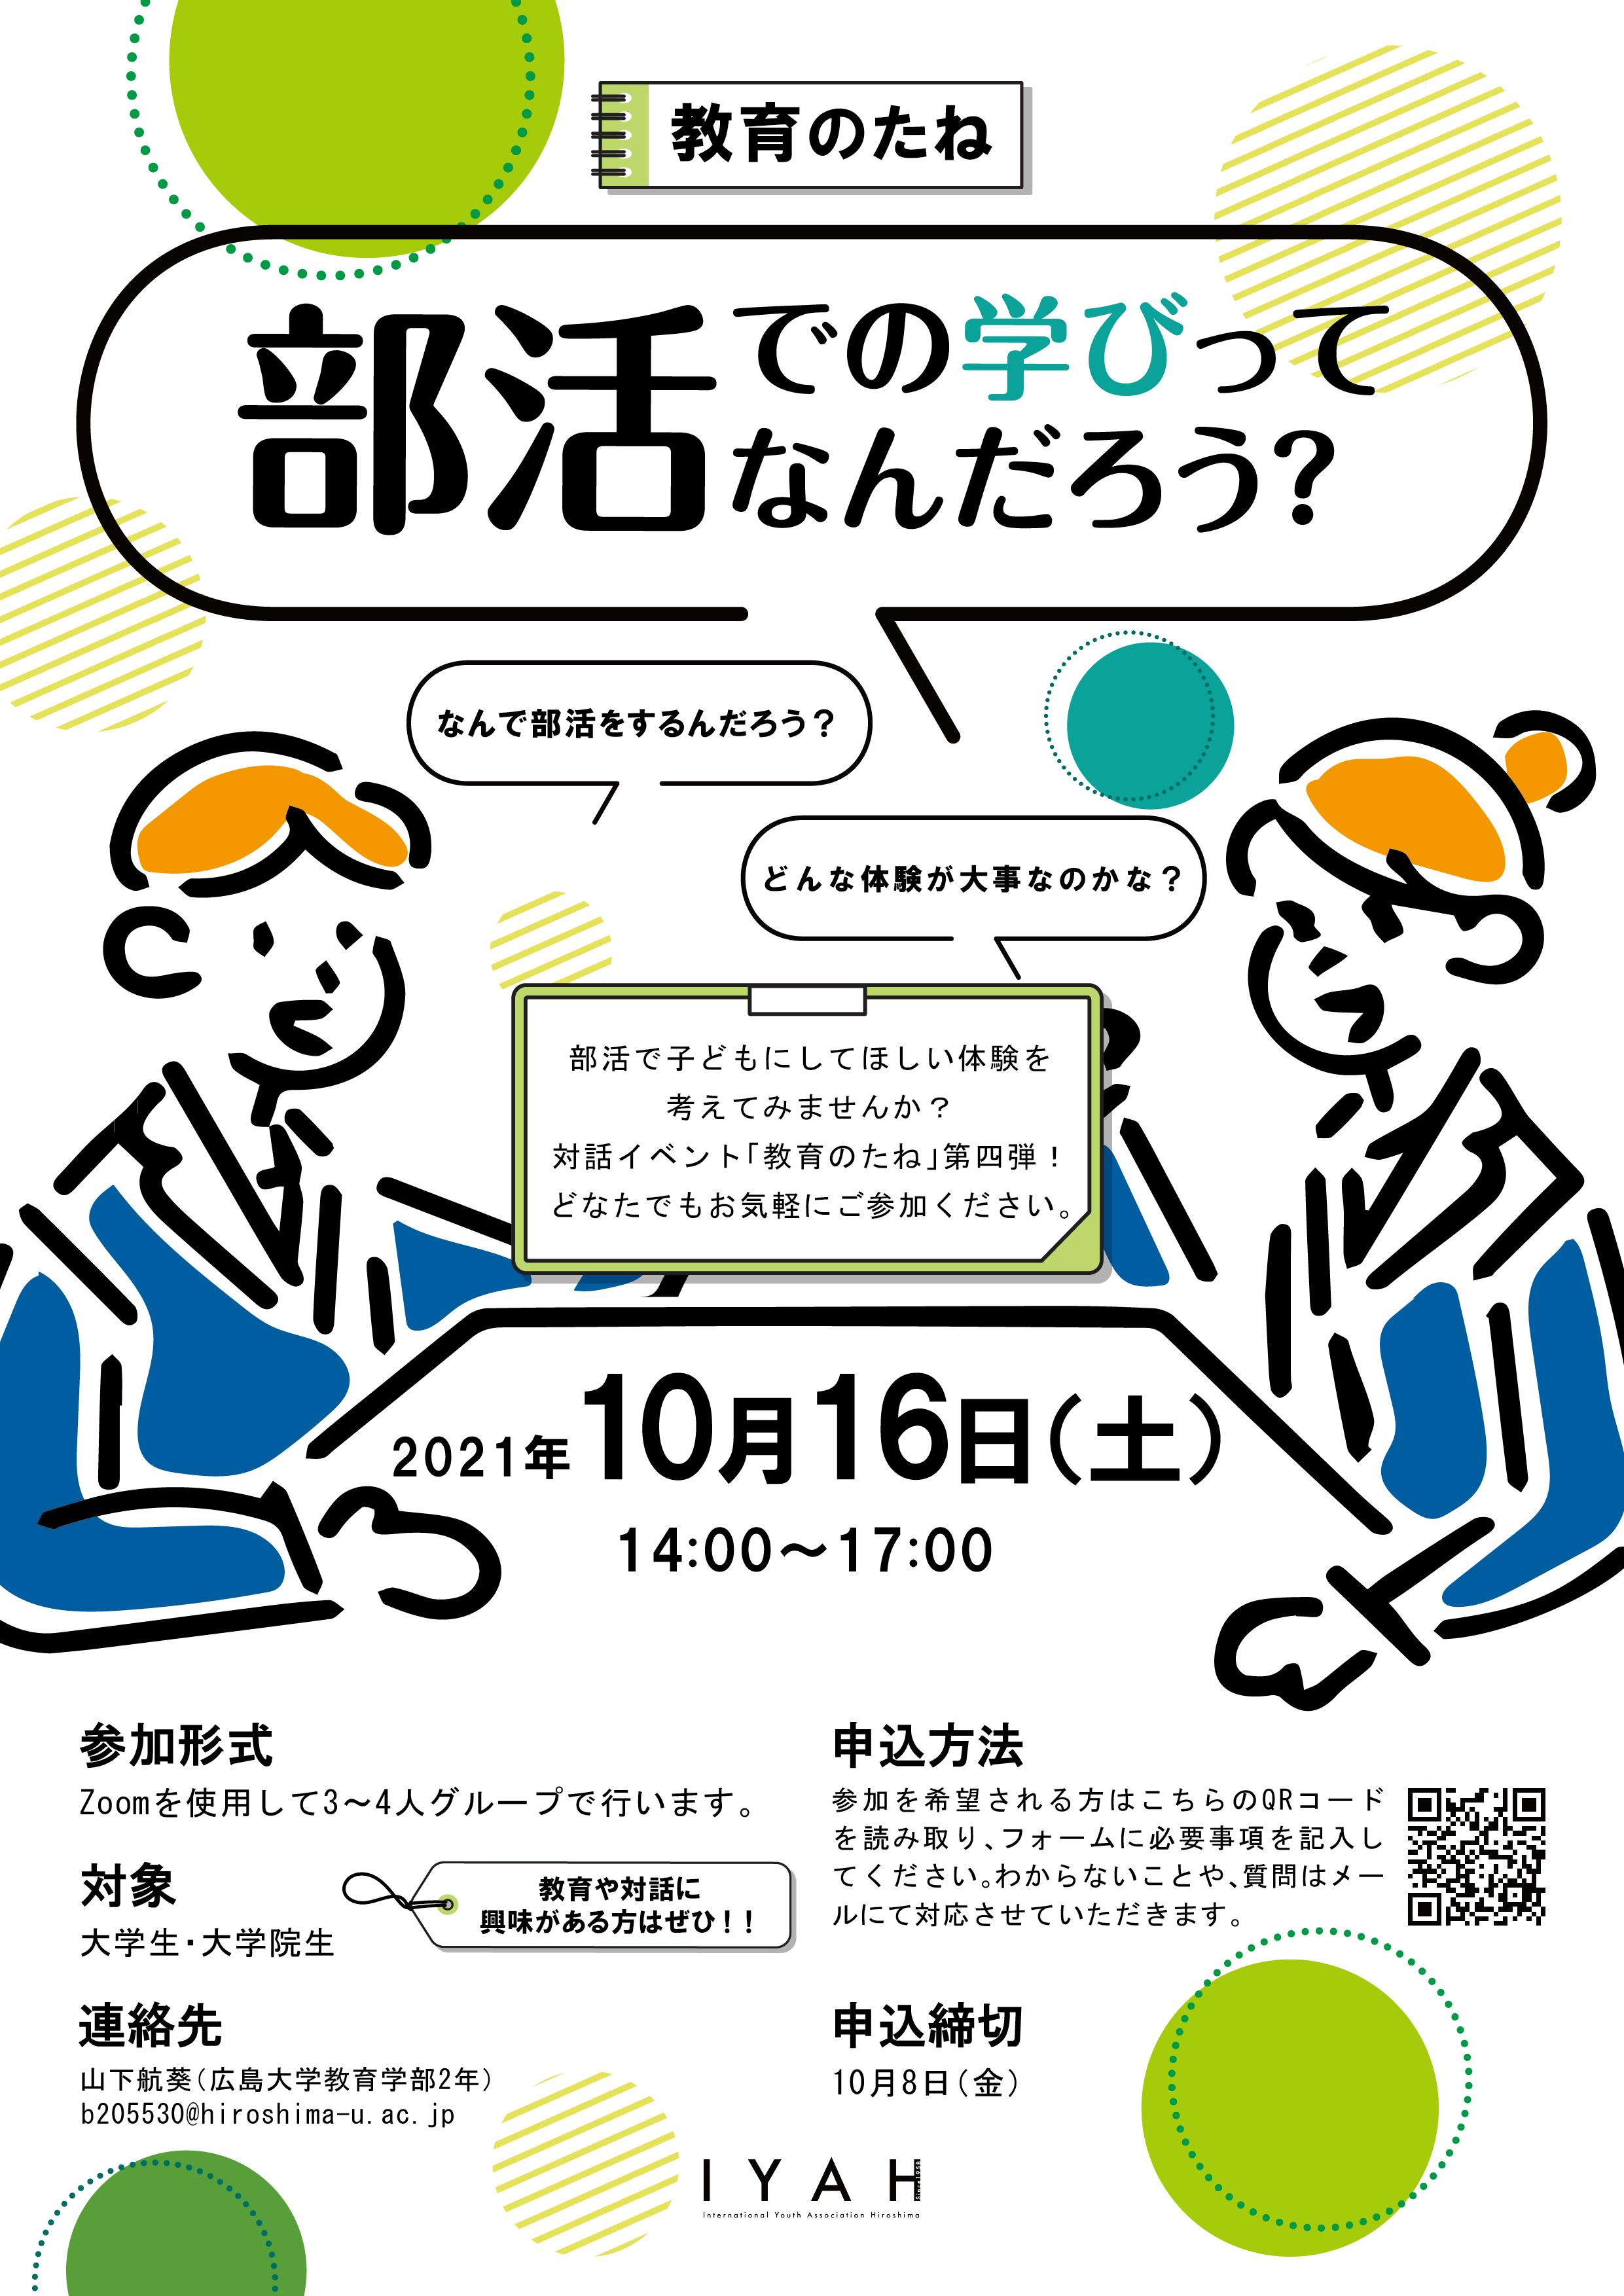 (みんなで考えよう)対話イベント「教育のたね」開催!【IYAH】